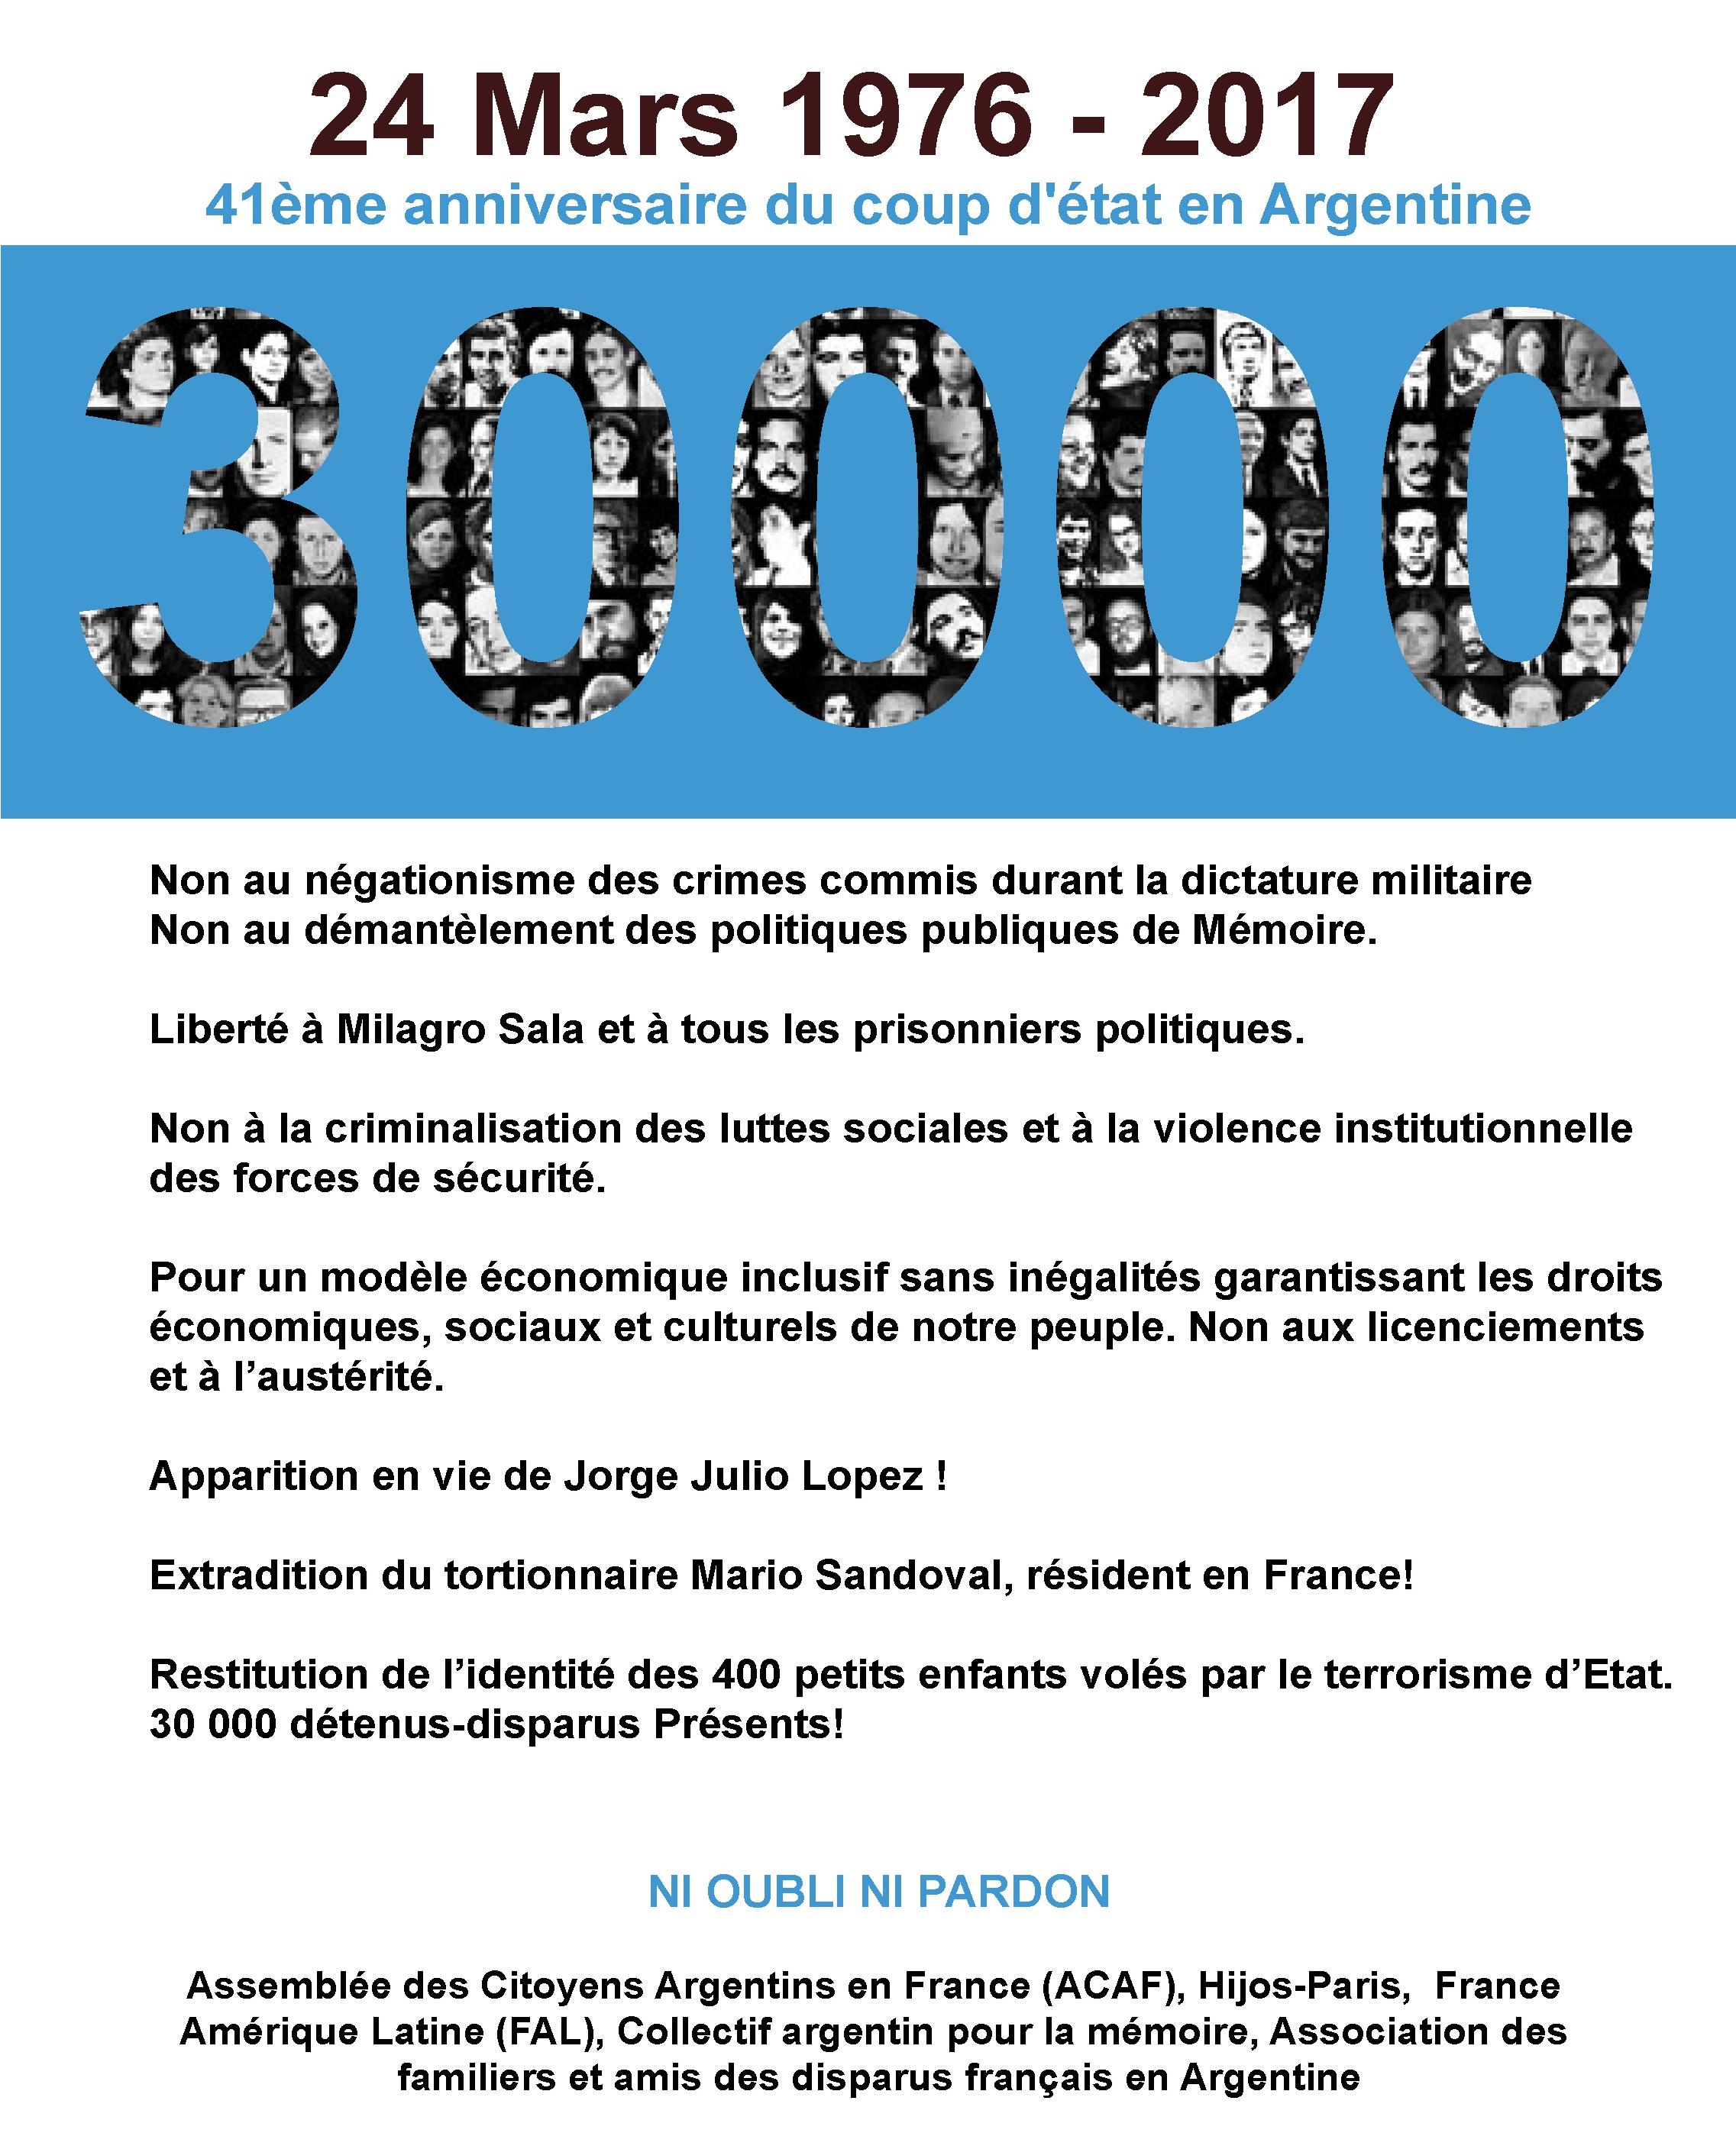 Communiqué de l'Assemblée des Citoyens Argentins de France: Mémoire et sens de l'histoire 41 ans après le coup d'Etat